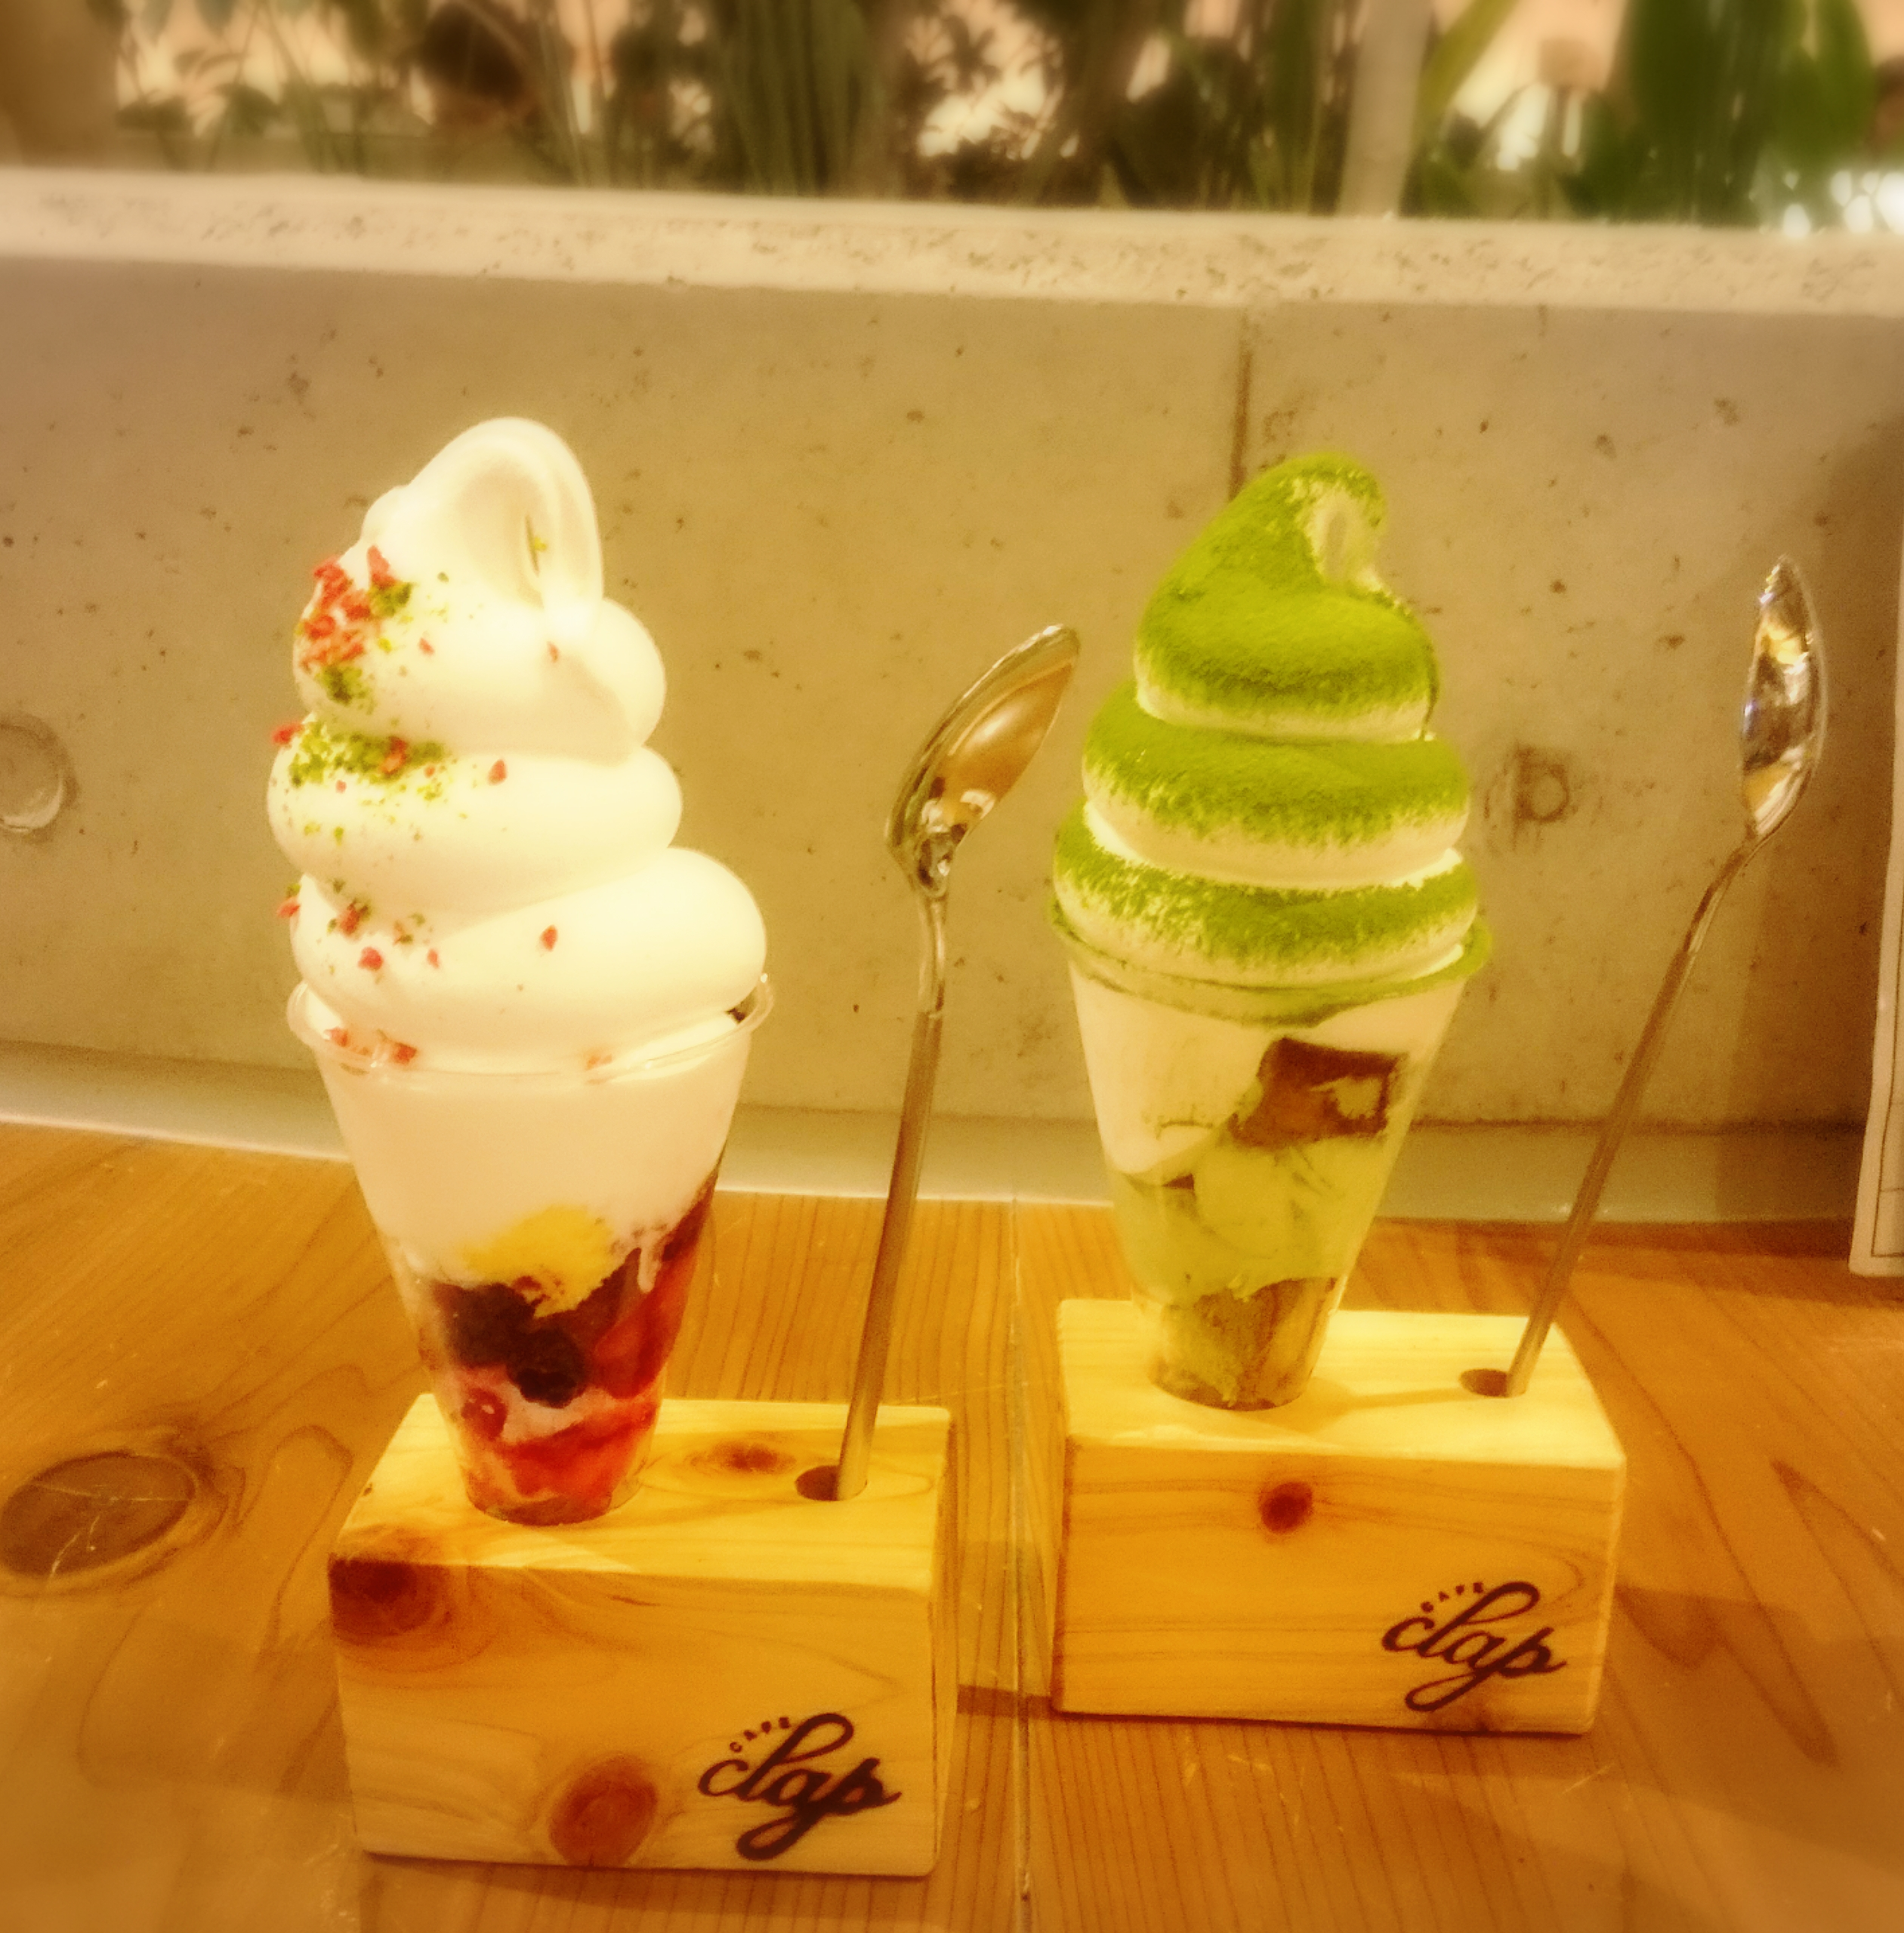 【カフェ】絶対食べたい!可愛すぎる人気パフェ